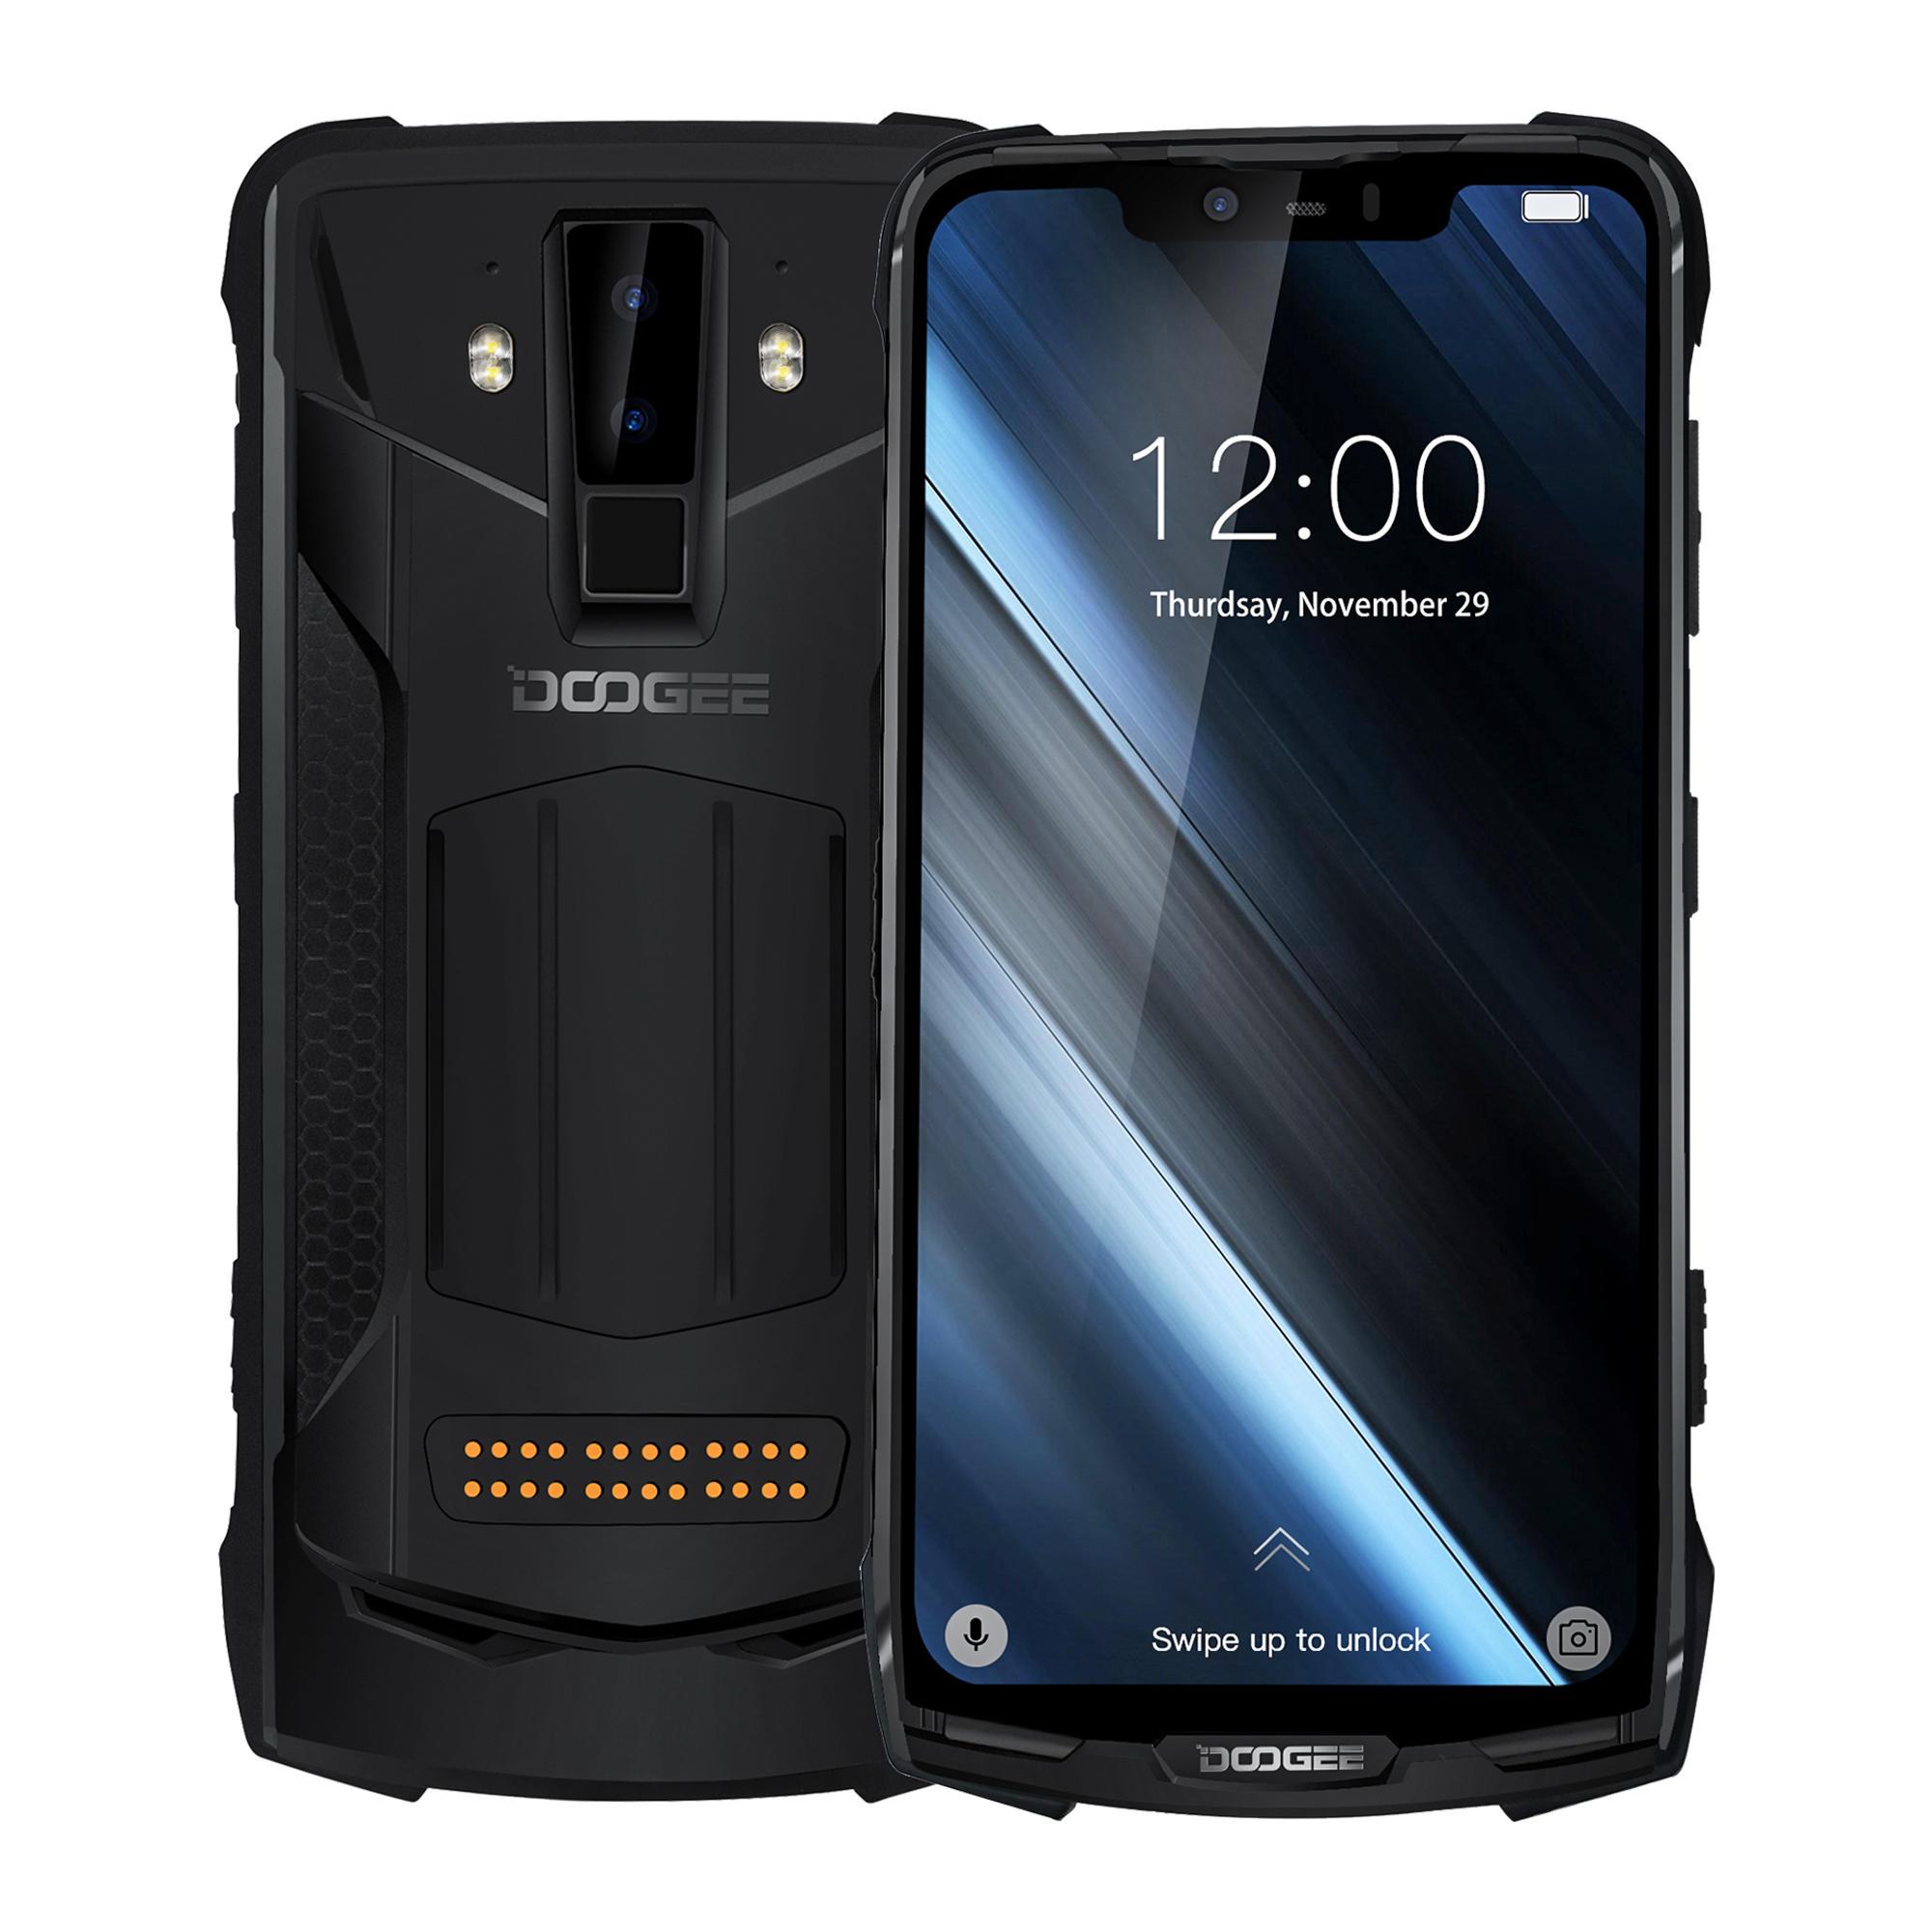 گوشی ضد انفجار دوگی S90